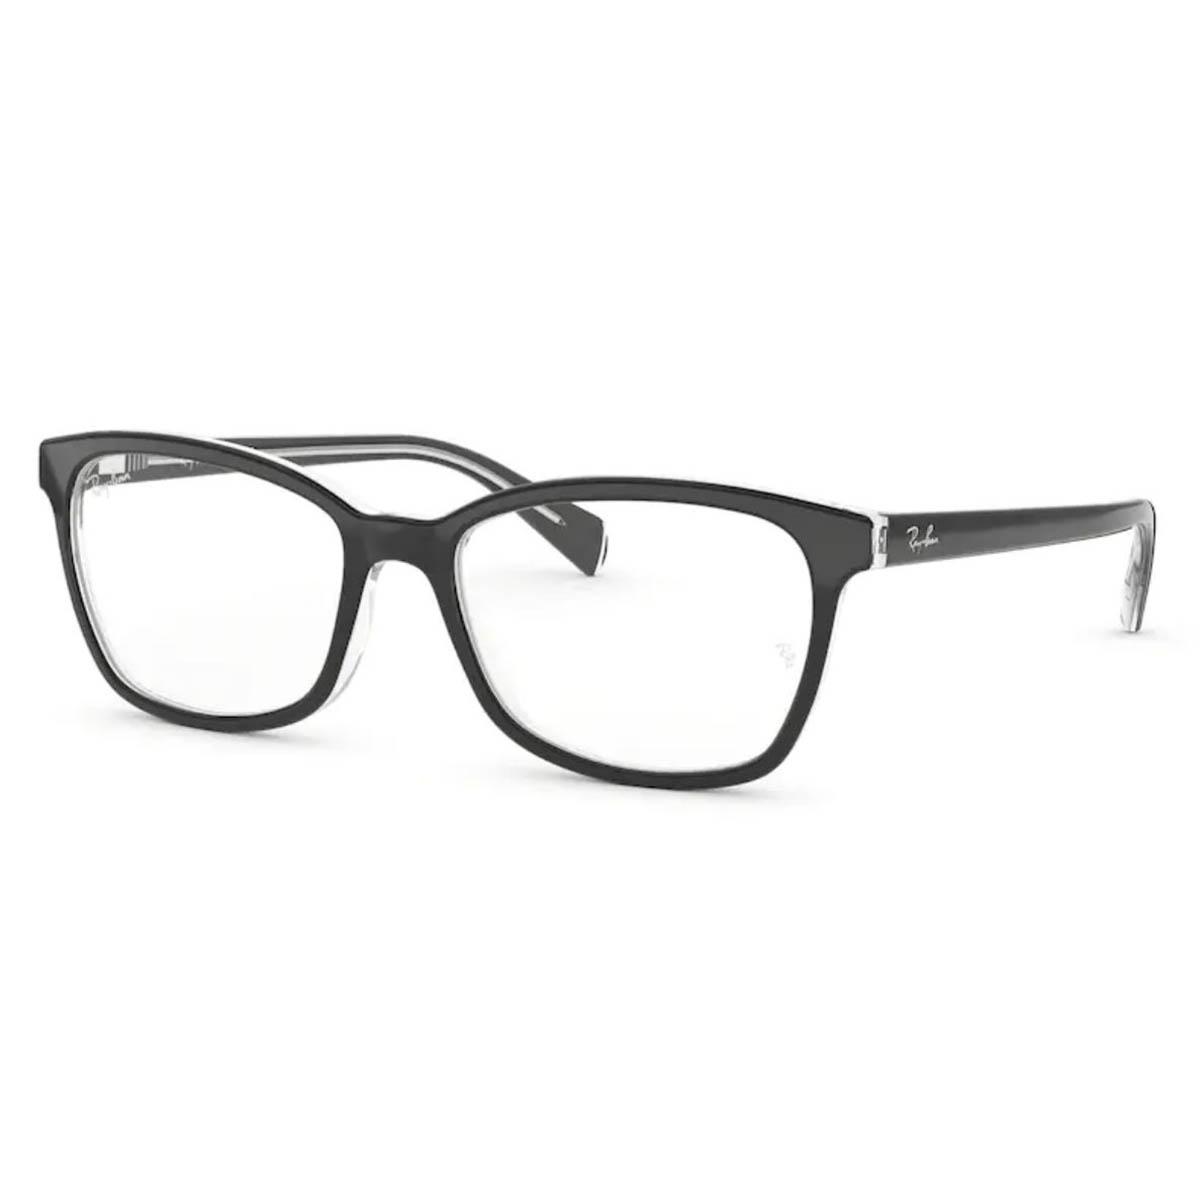 Armação de Óculos Feminino Ray Ban RX5362 Acetato Preto Brilho